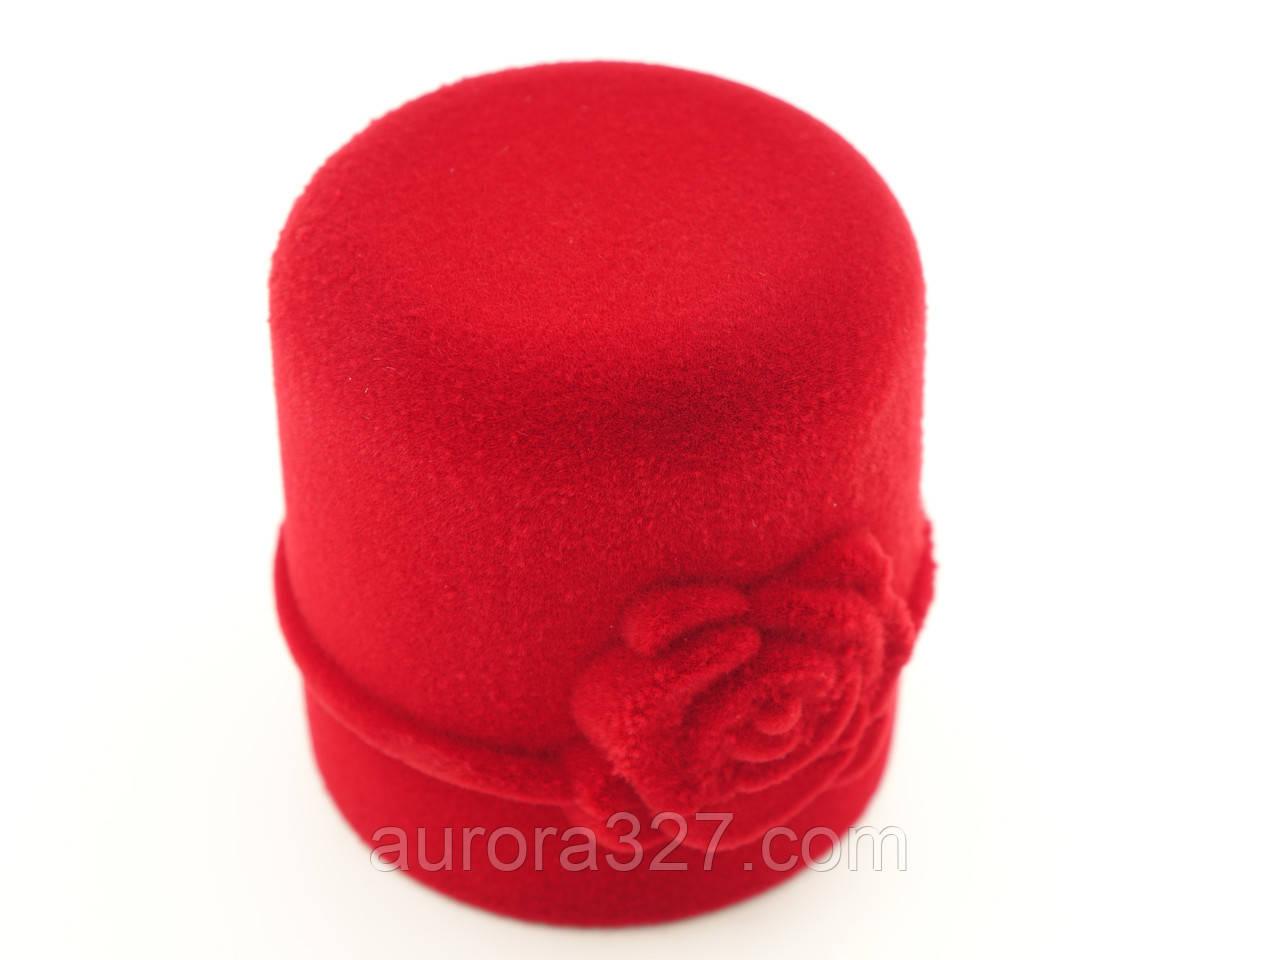 """Бархатный футляр для кольца """"Цилиндр с розой"""" красный"""